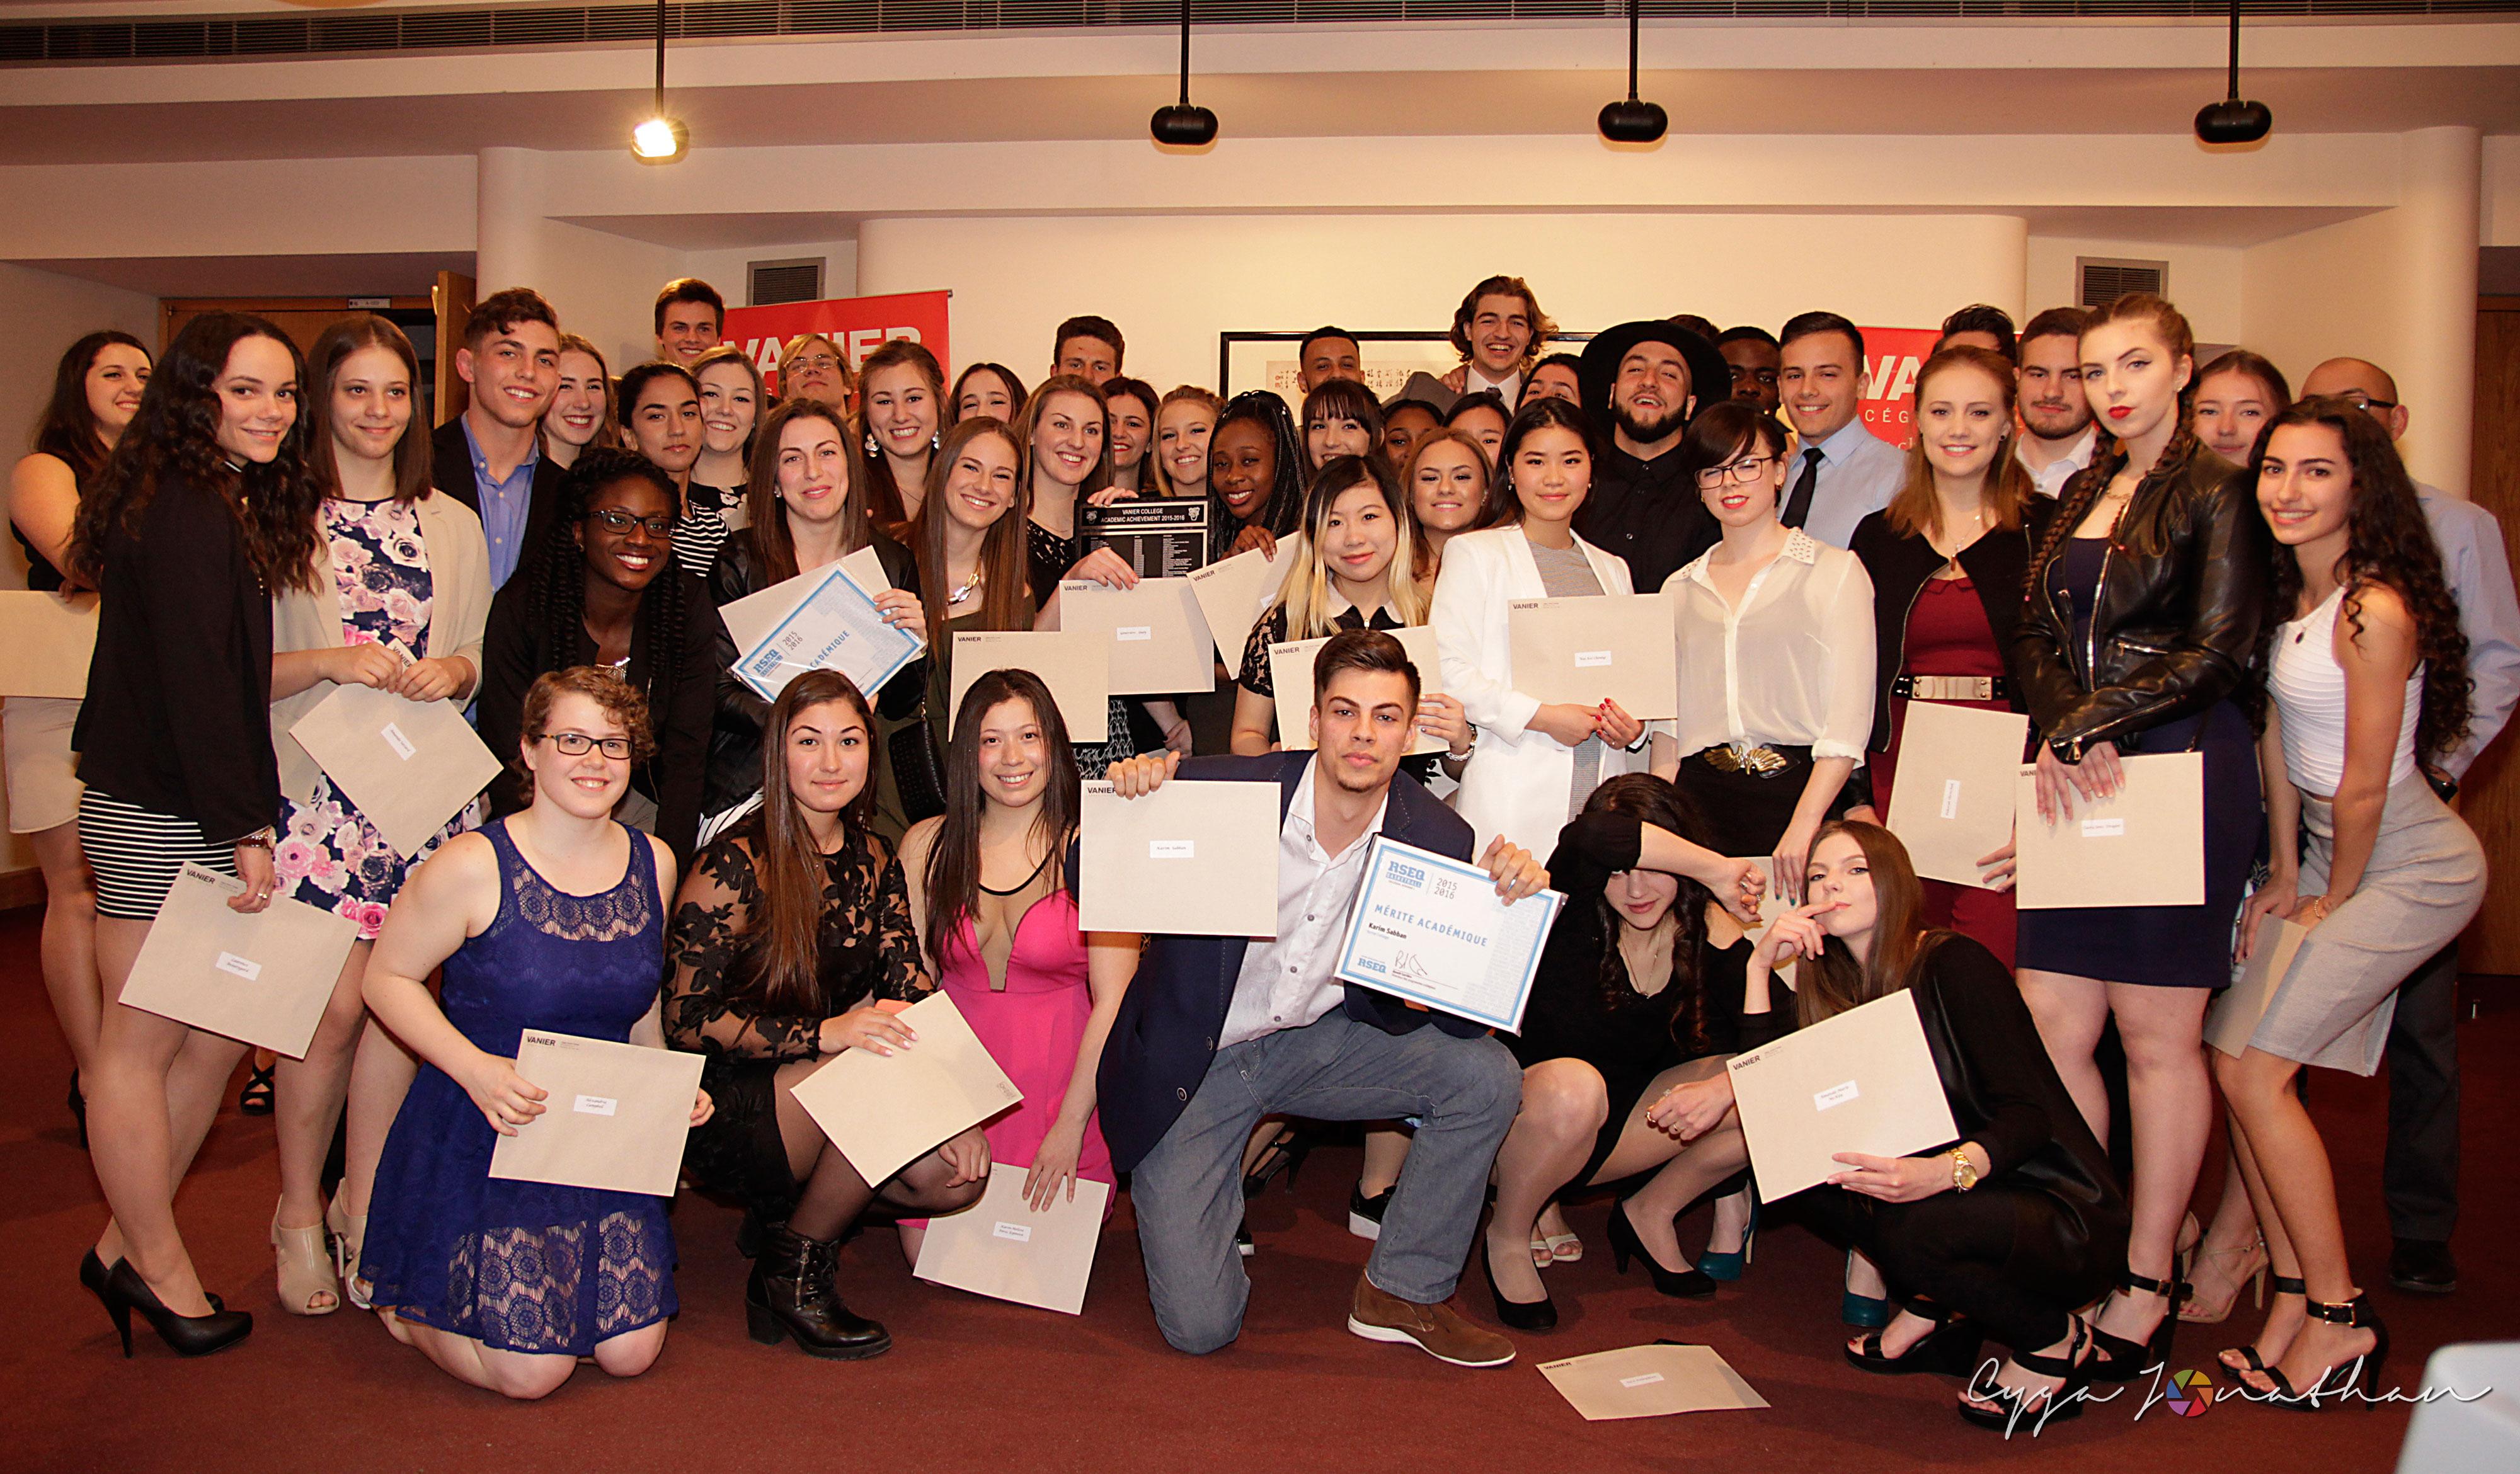 group achievement – Crawley Community Awards |Group Achievement